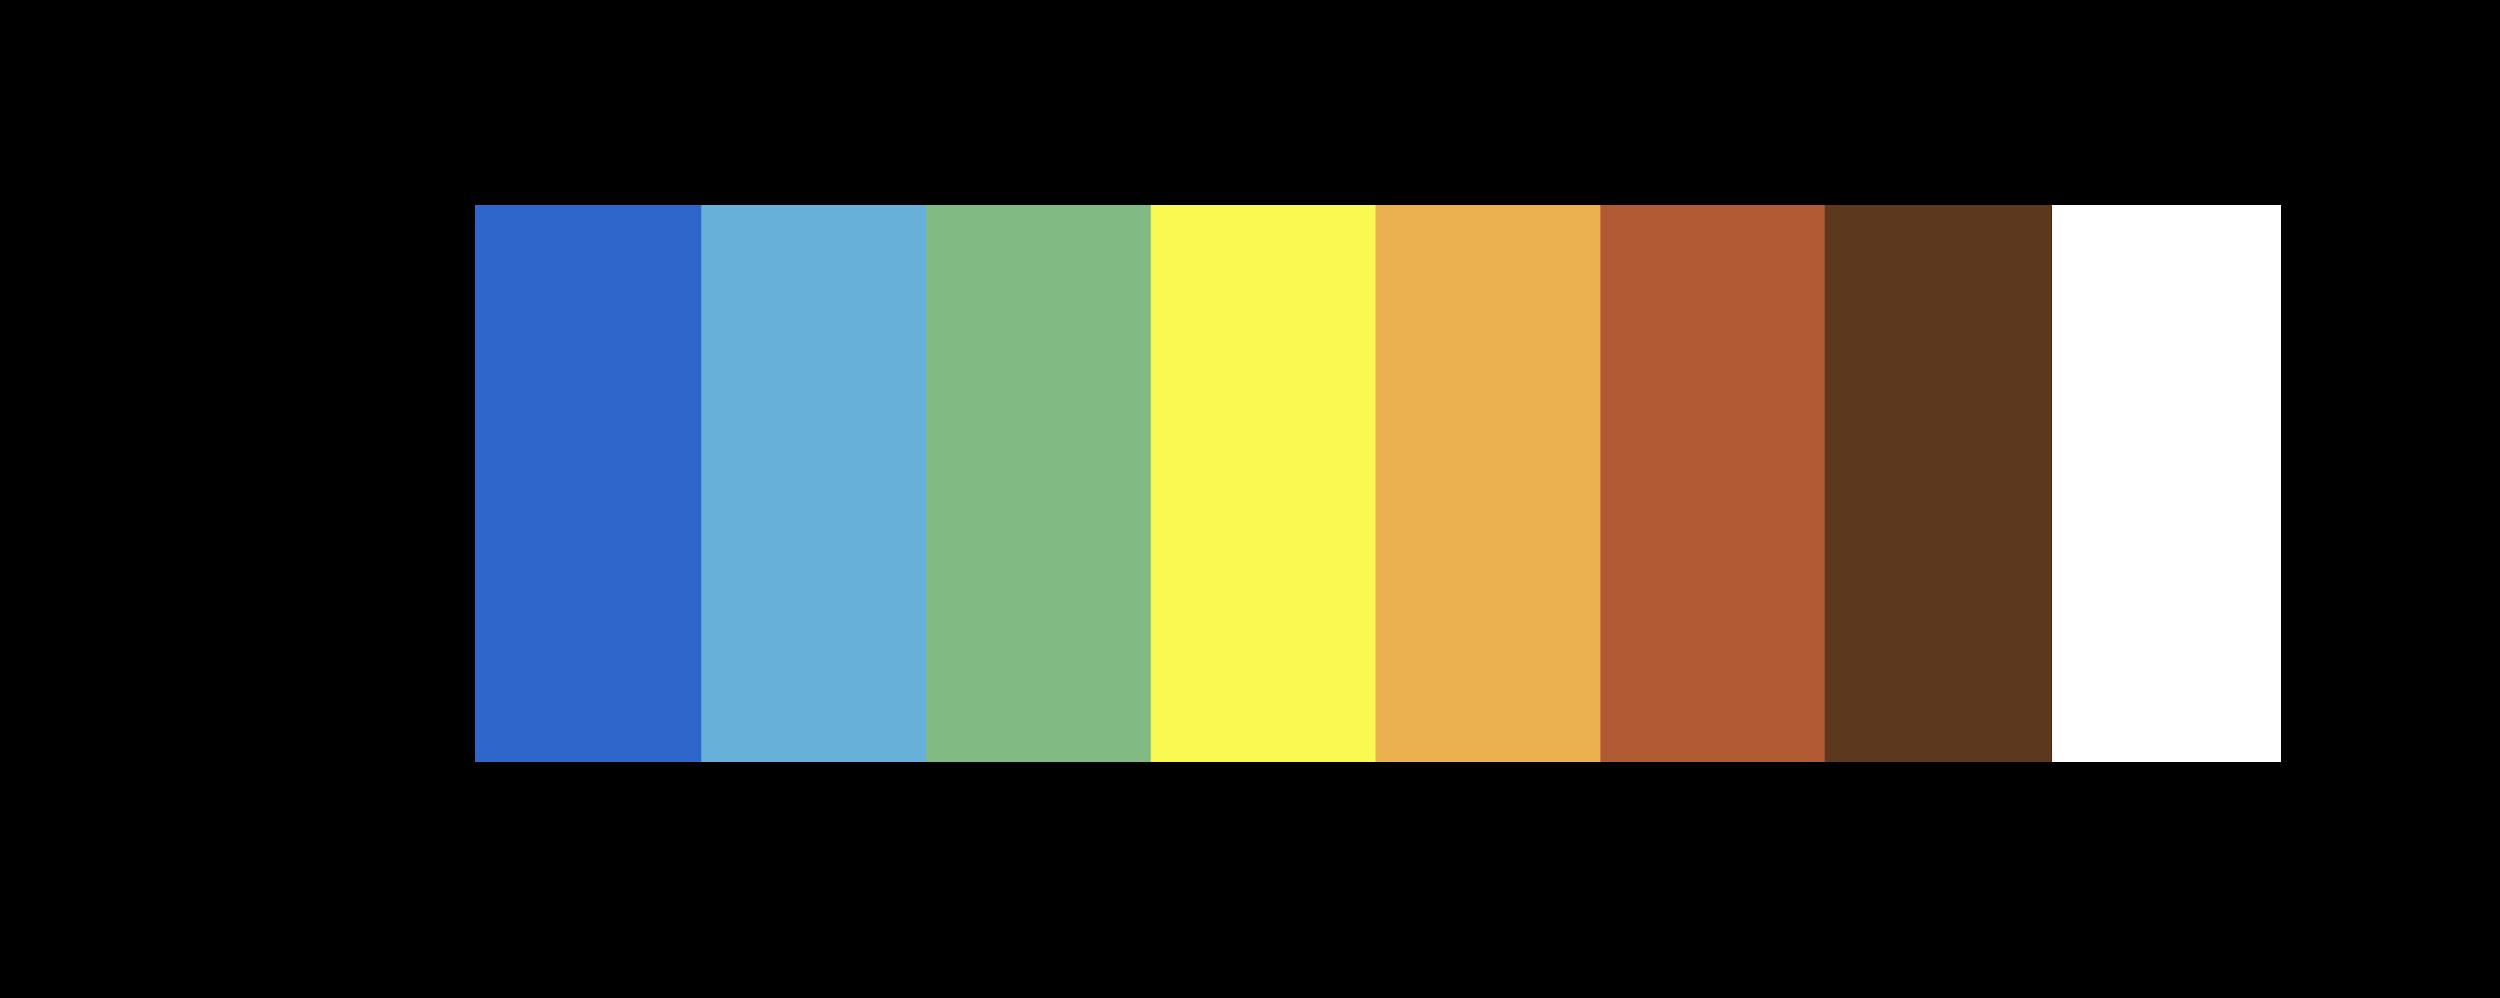 Spongebob Color Palette